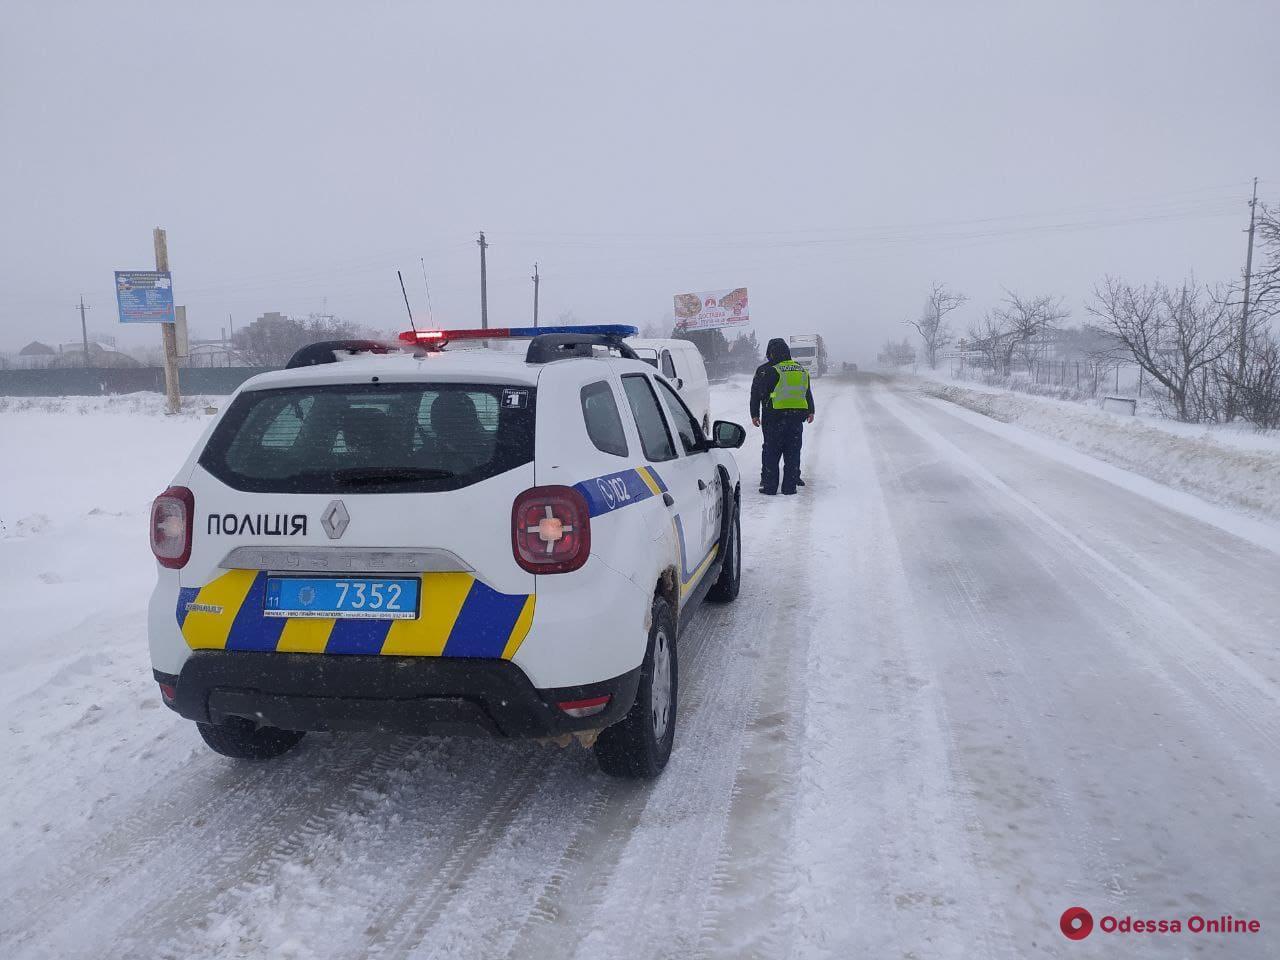 Из-за непогоды запрещено движение легкового транспорта по трассе Одесса-Киев